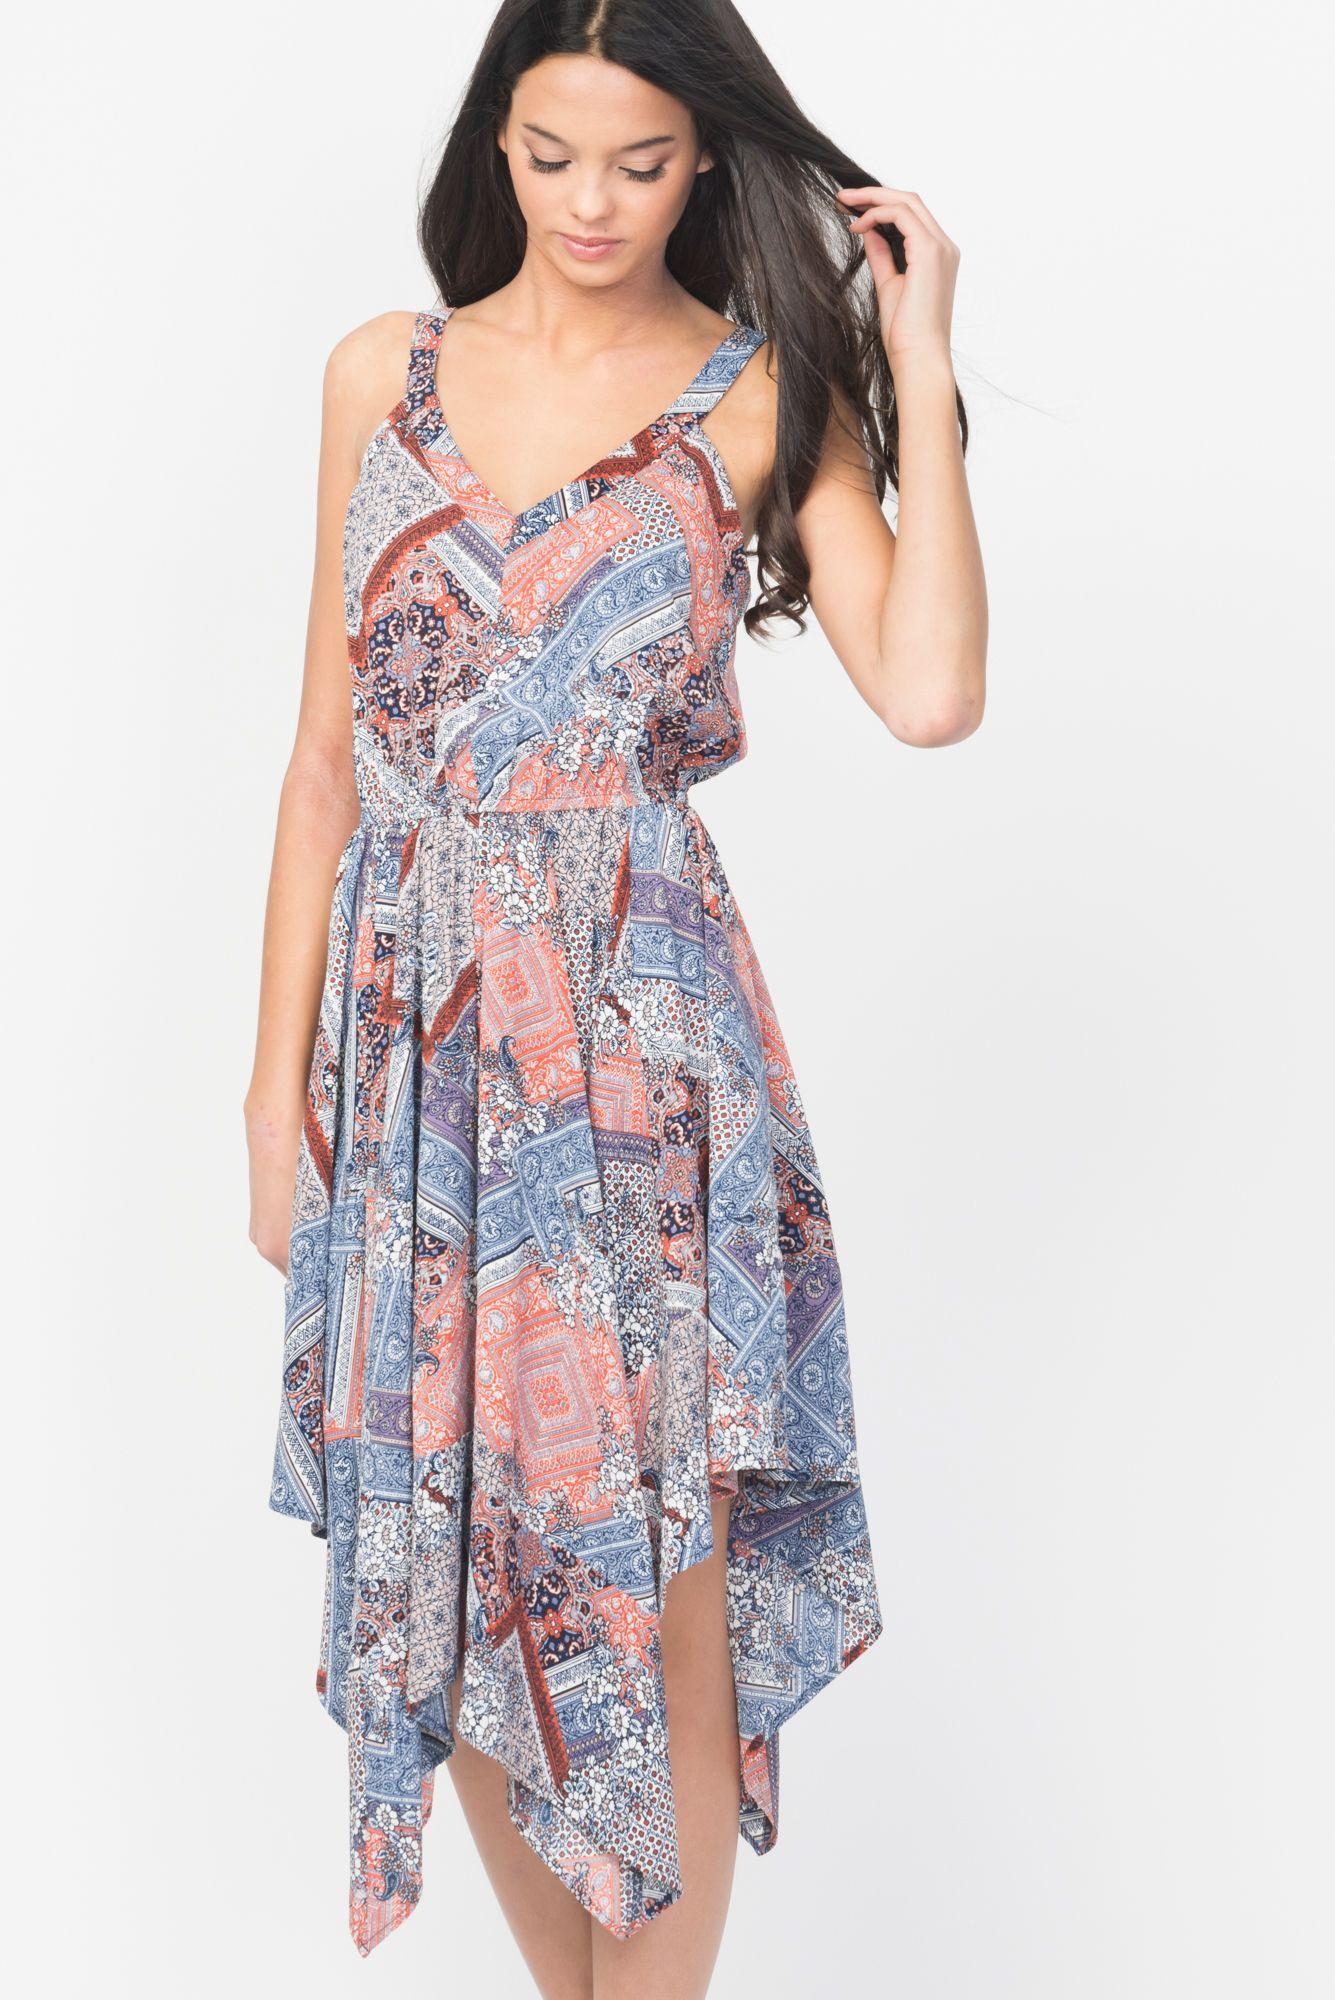 Handkerchief dress bestidos pinterest handkerchief dress